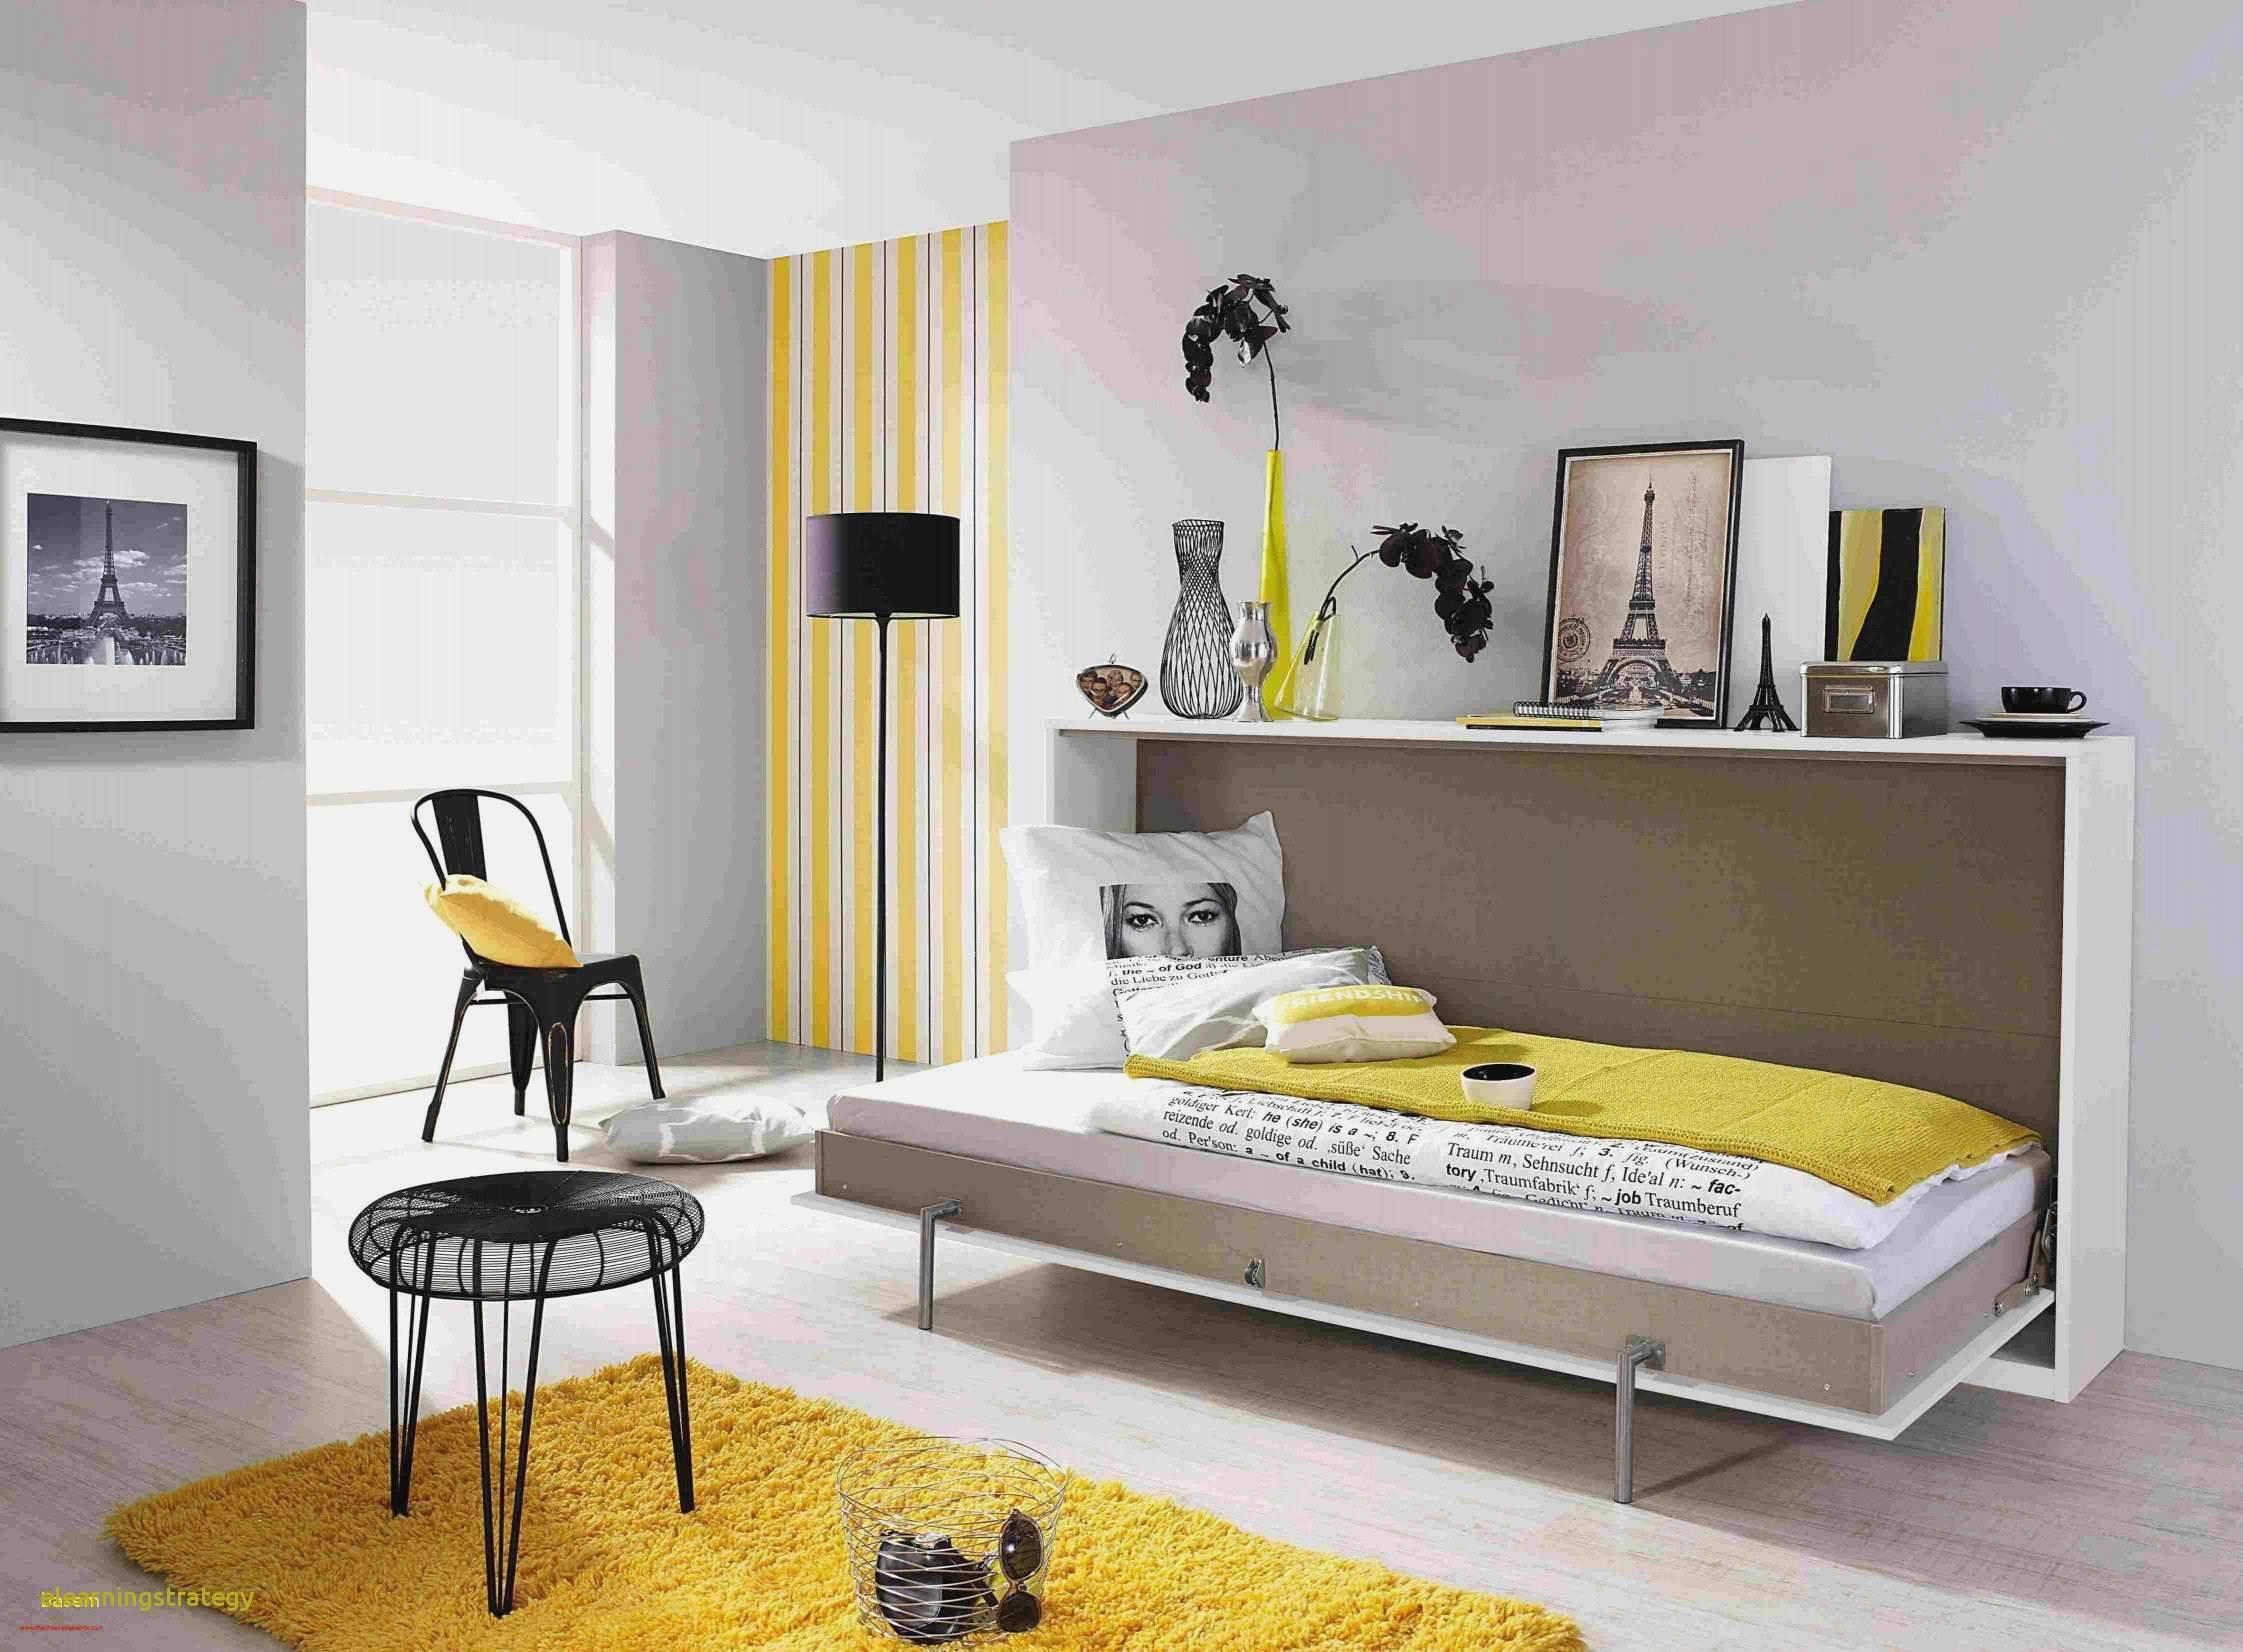 wandtattoo fur badezimmer frisch 40 luxus wandtattoo fur wohnzimmer einzigartig of wandtattoo fur badezimmer